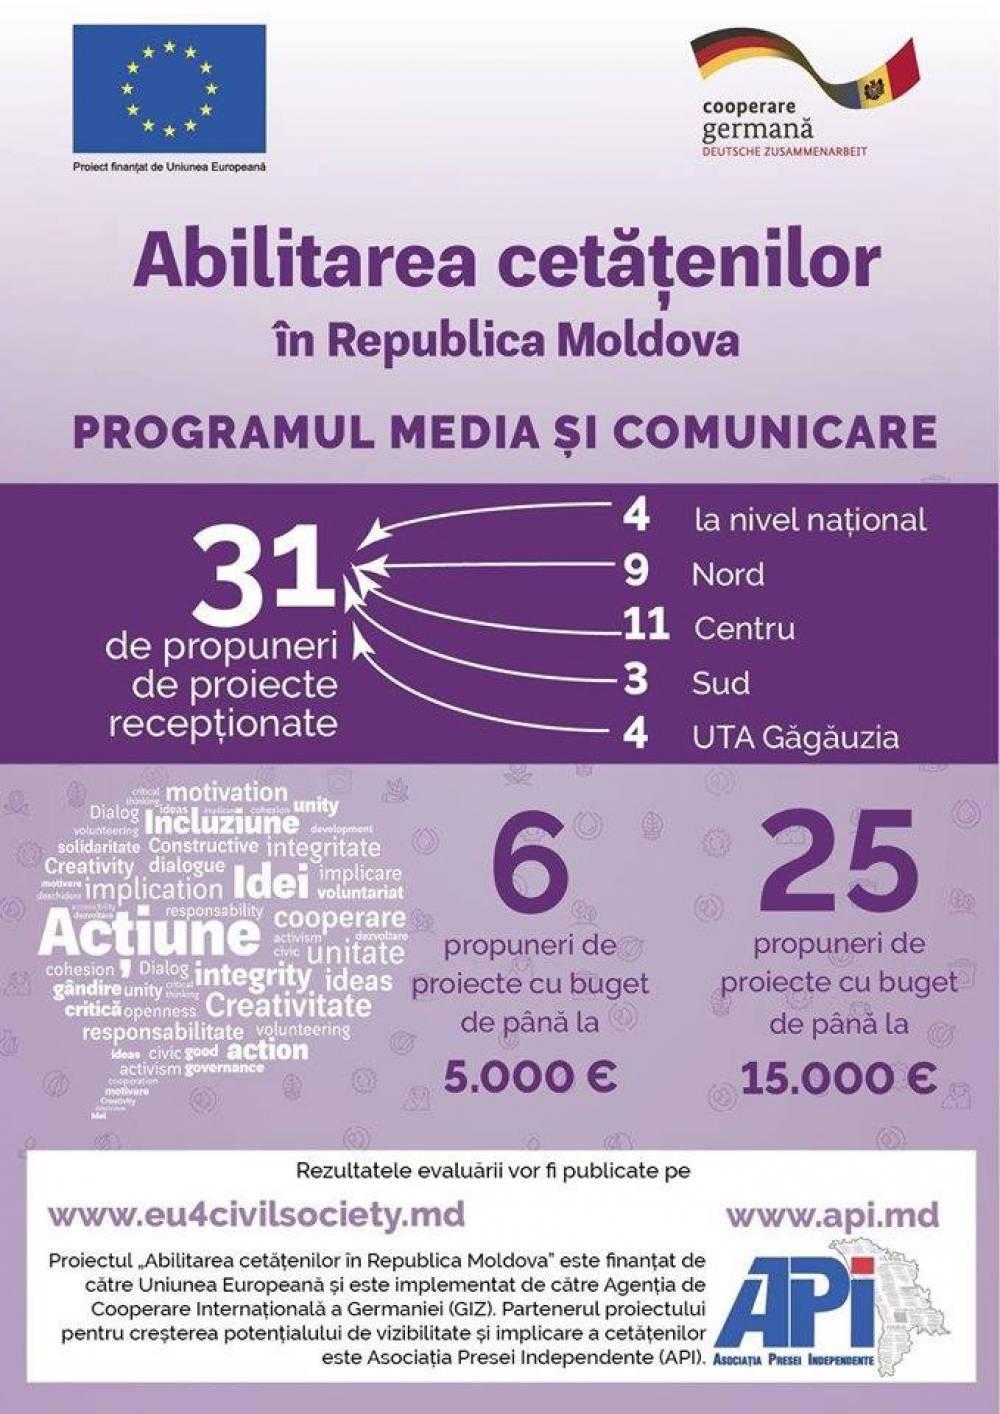 Asociaţia Presei Independente (API) a finalizat evaluarea administrativă şi tehnică a dosarelor depuse la Programul de granturi locale, Media și Comunicare